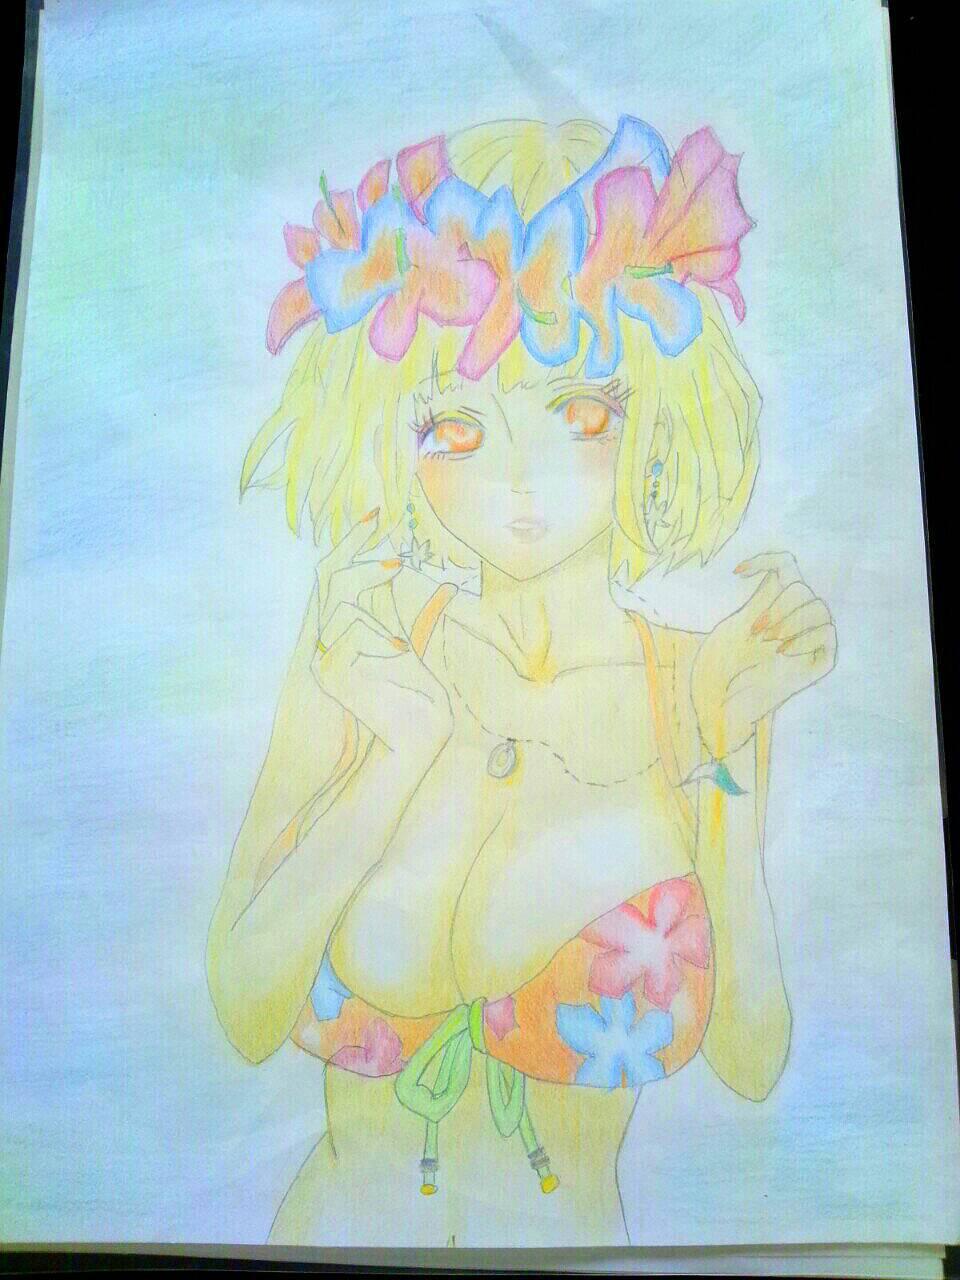 「元気いっぱいな真夏の海の女の子を描いてみました☆」07/24(月) 16:37 | ゆうなの写メ・風俗動画